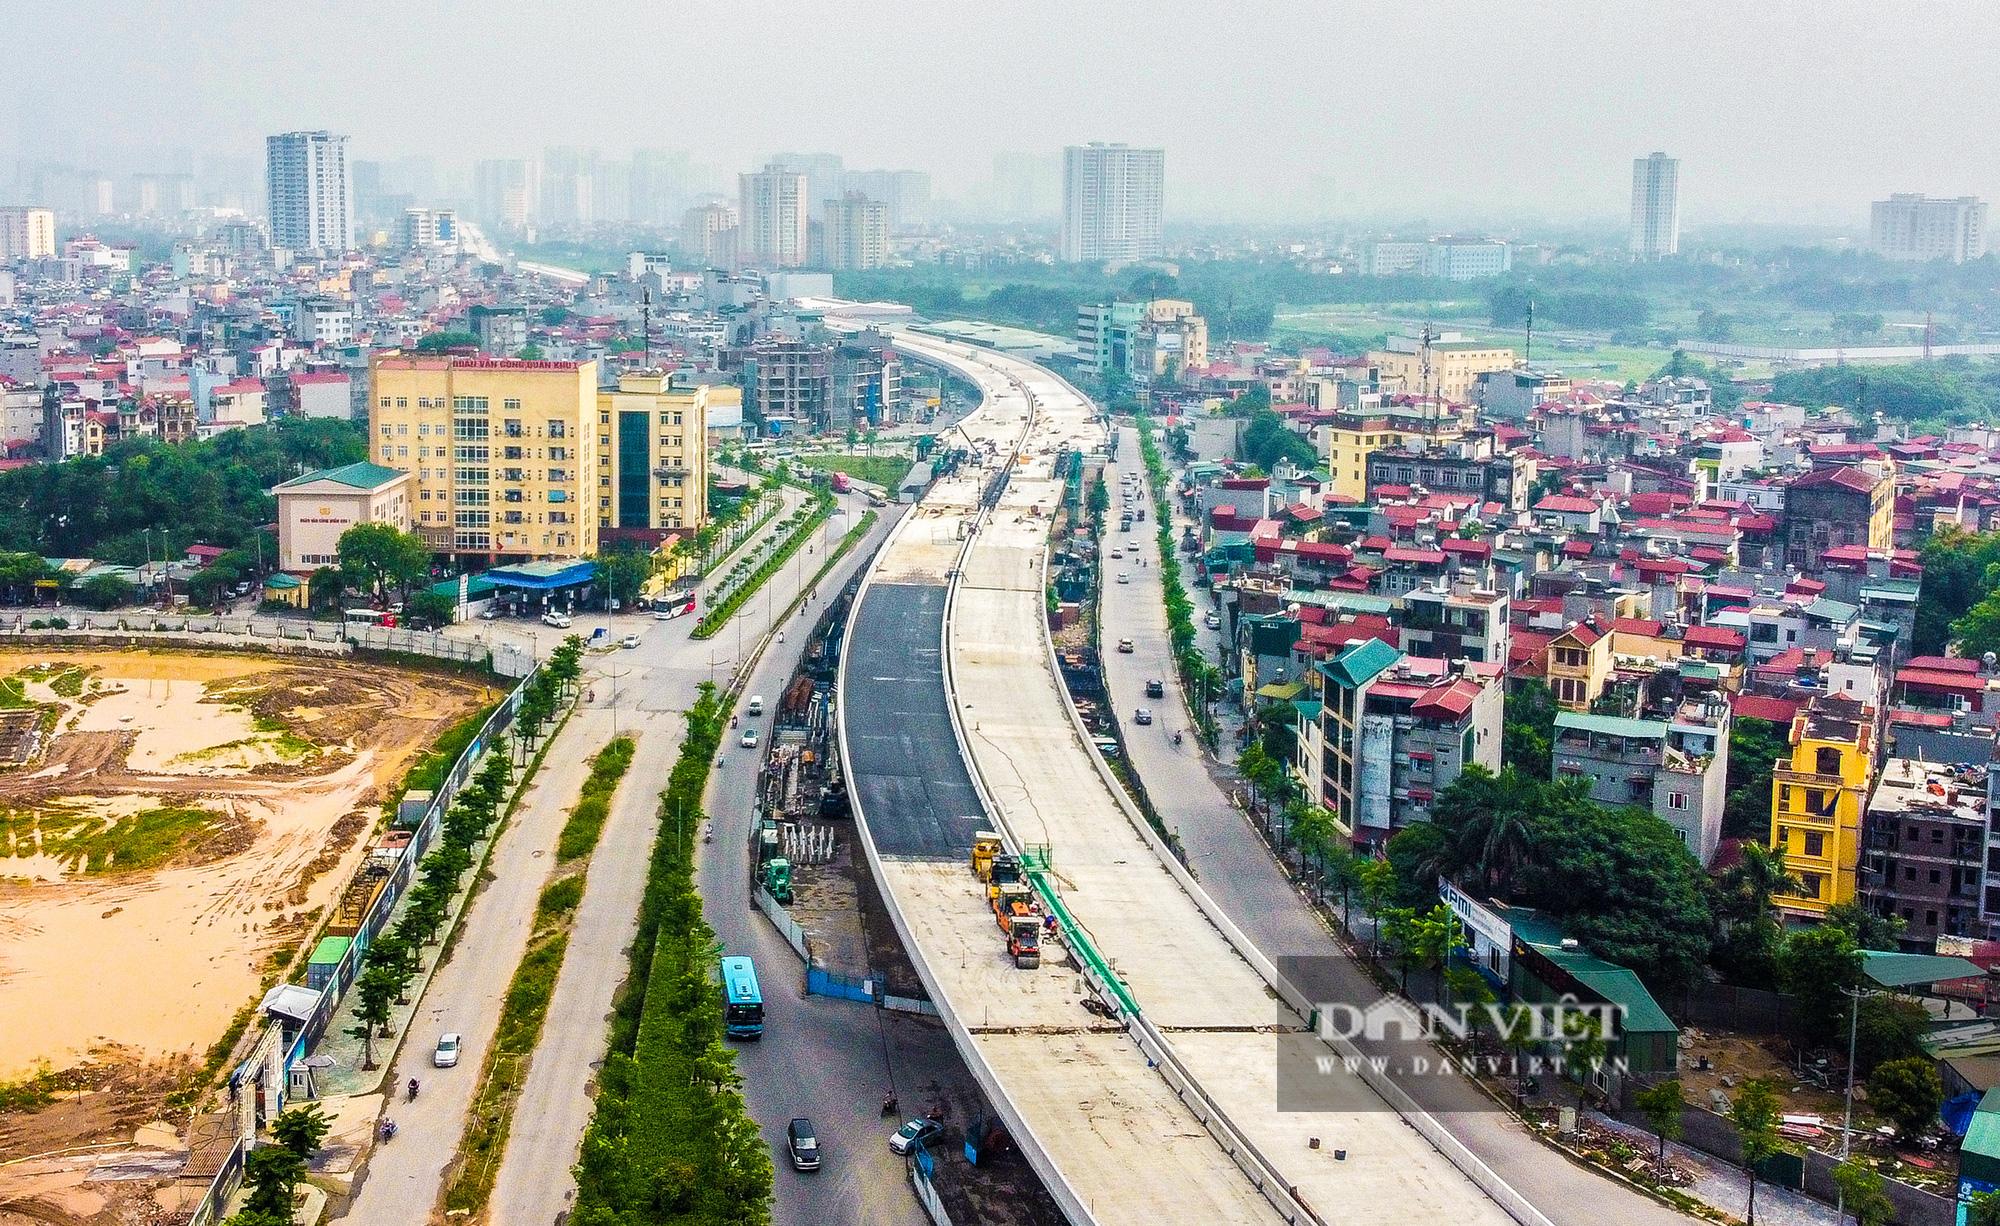 Nhìn lại 10 dự án tiêu biểu do ông Nguyễn Đức Chung - Chủ tịch TP Hà Nội chỉ đạo - Ảnh 8.